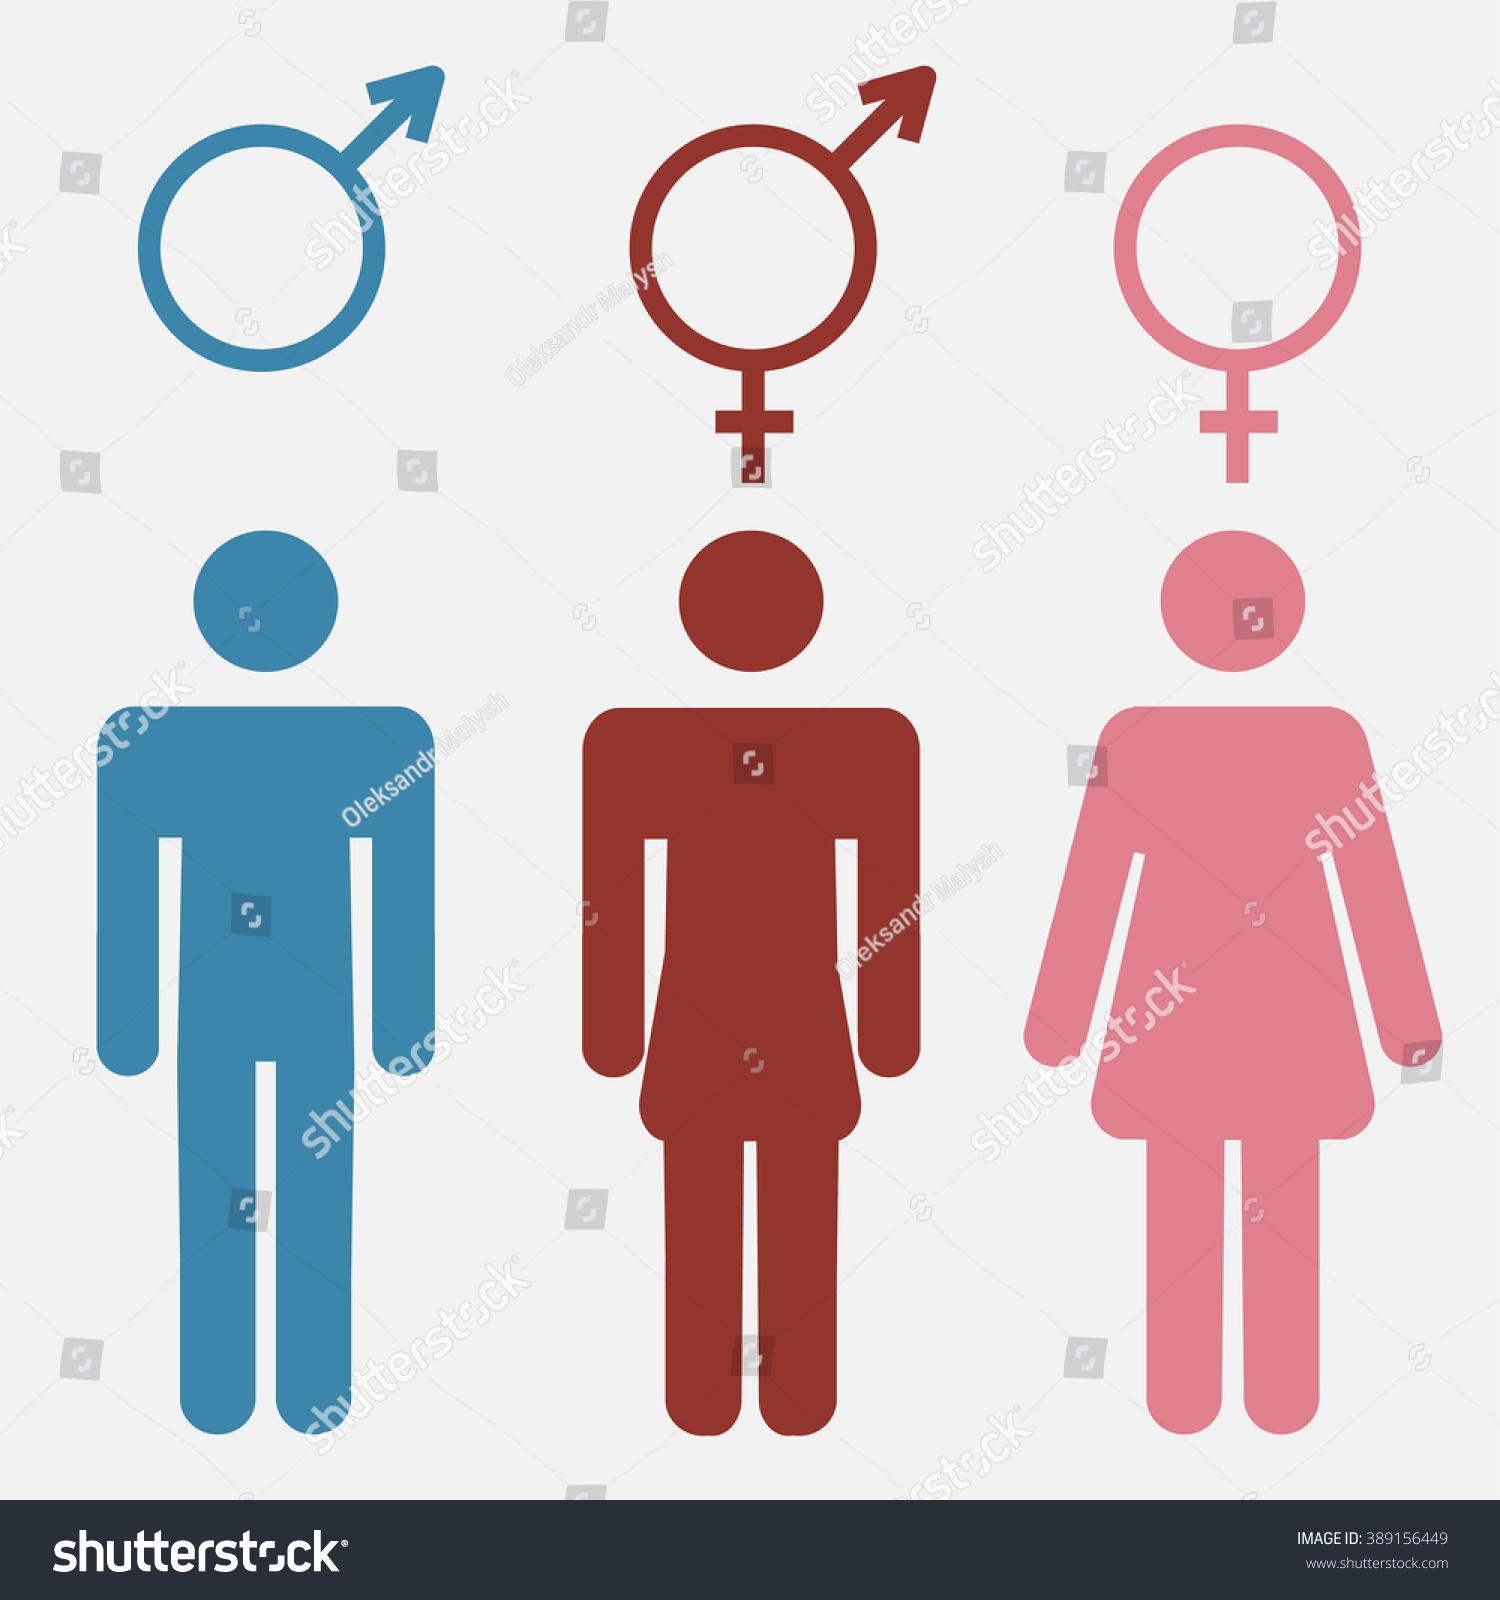 Set gender symbols stylized silhouettes male stock illustration set of gender symbols with stylized silhouettes male female and unisex or transgender buycottarizona